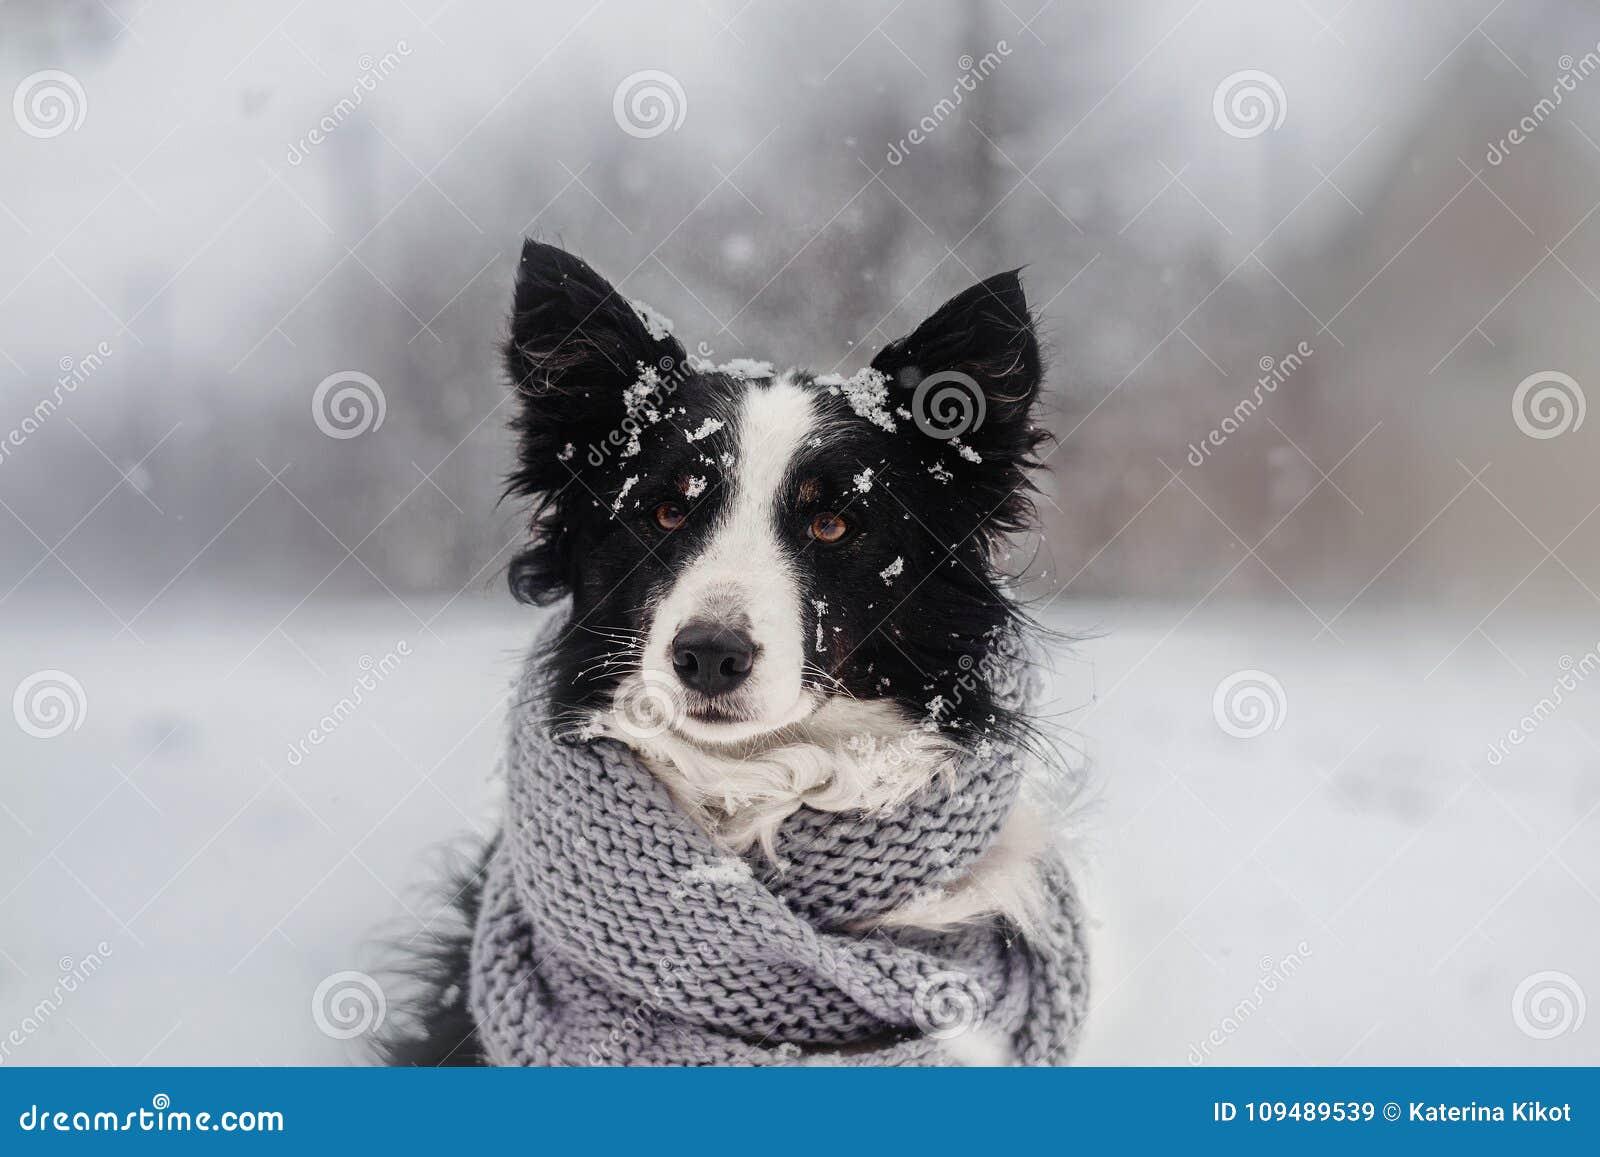 Winterwelpen-Märchenporträt eines border collie-Hundes im Schnee